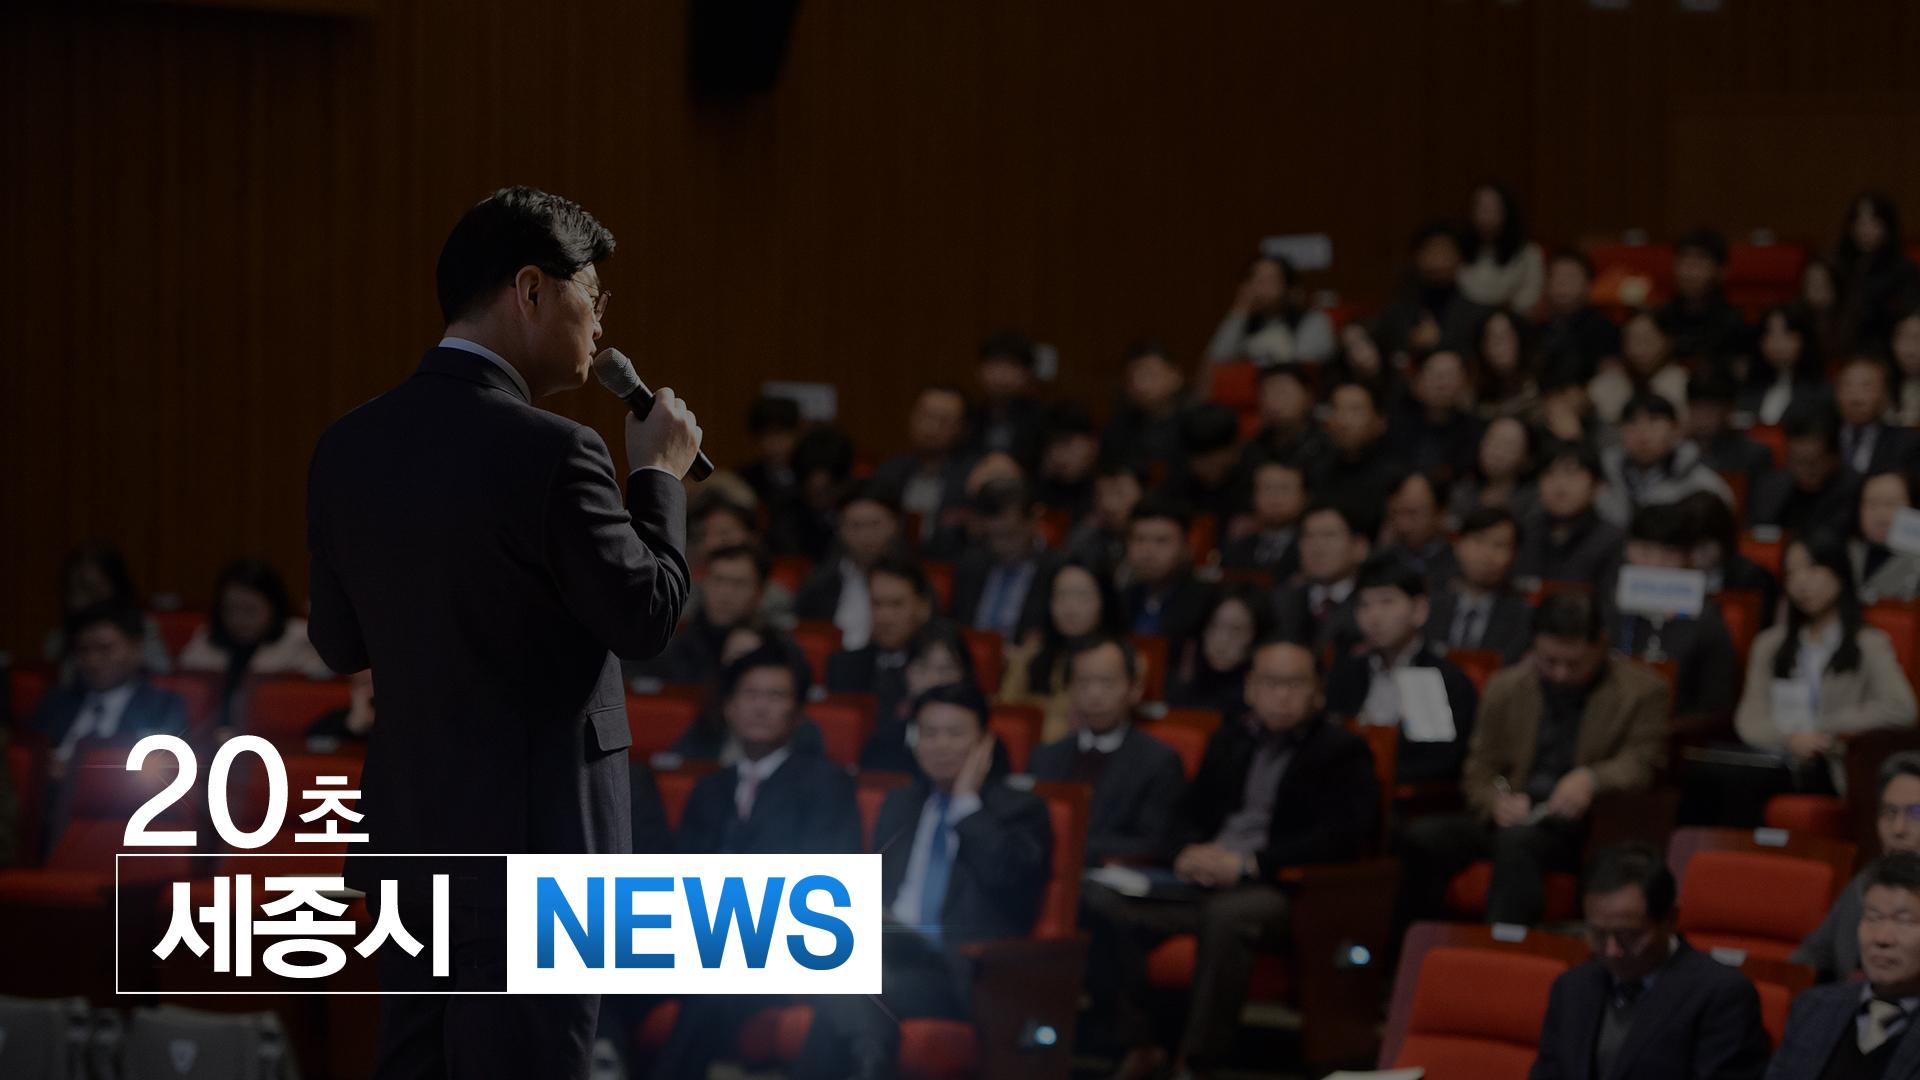 <20초뉴스> 이춘희 시장, 3일 충남도청서 공직자 대상 특강 진행